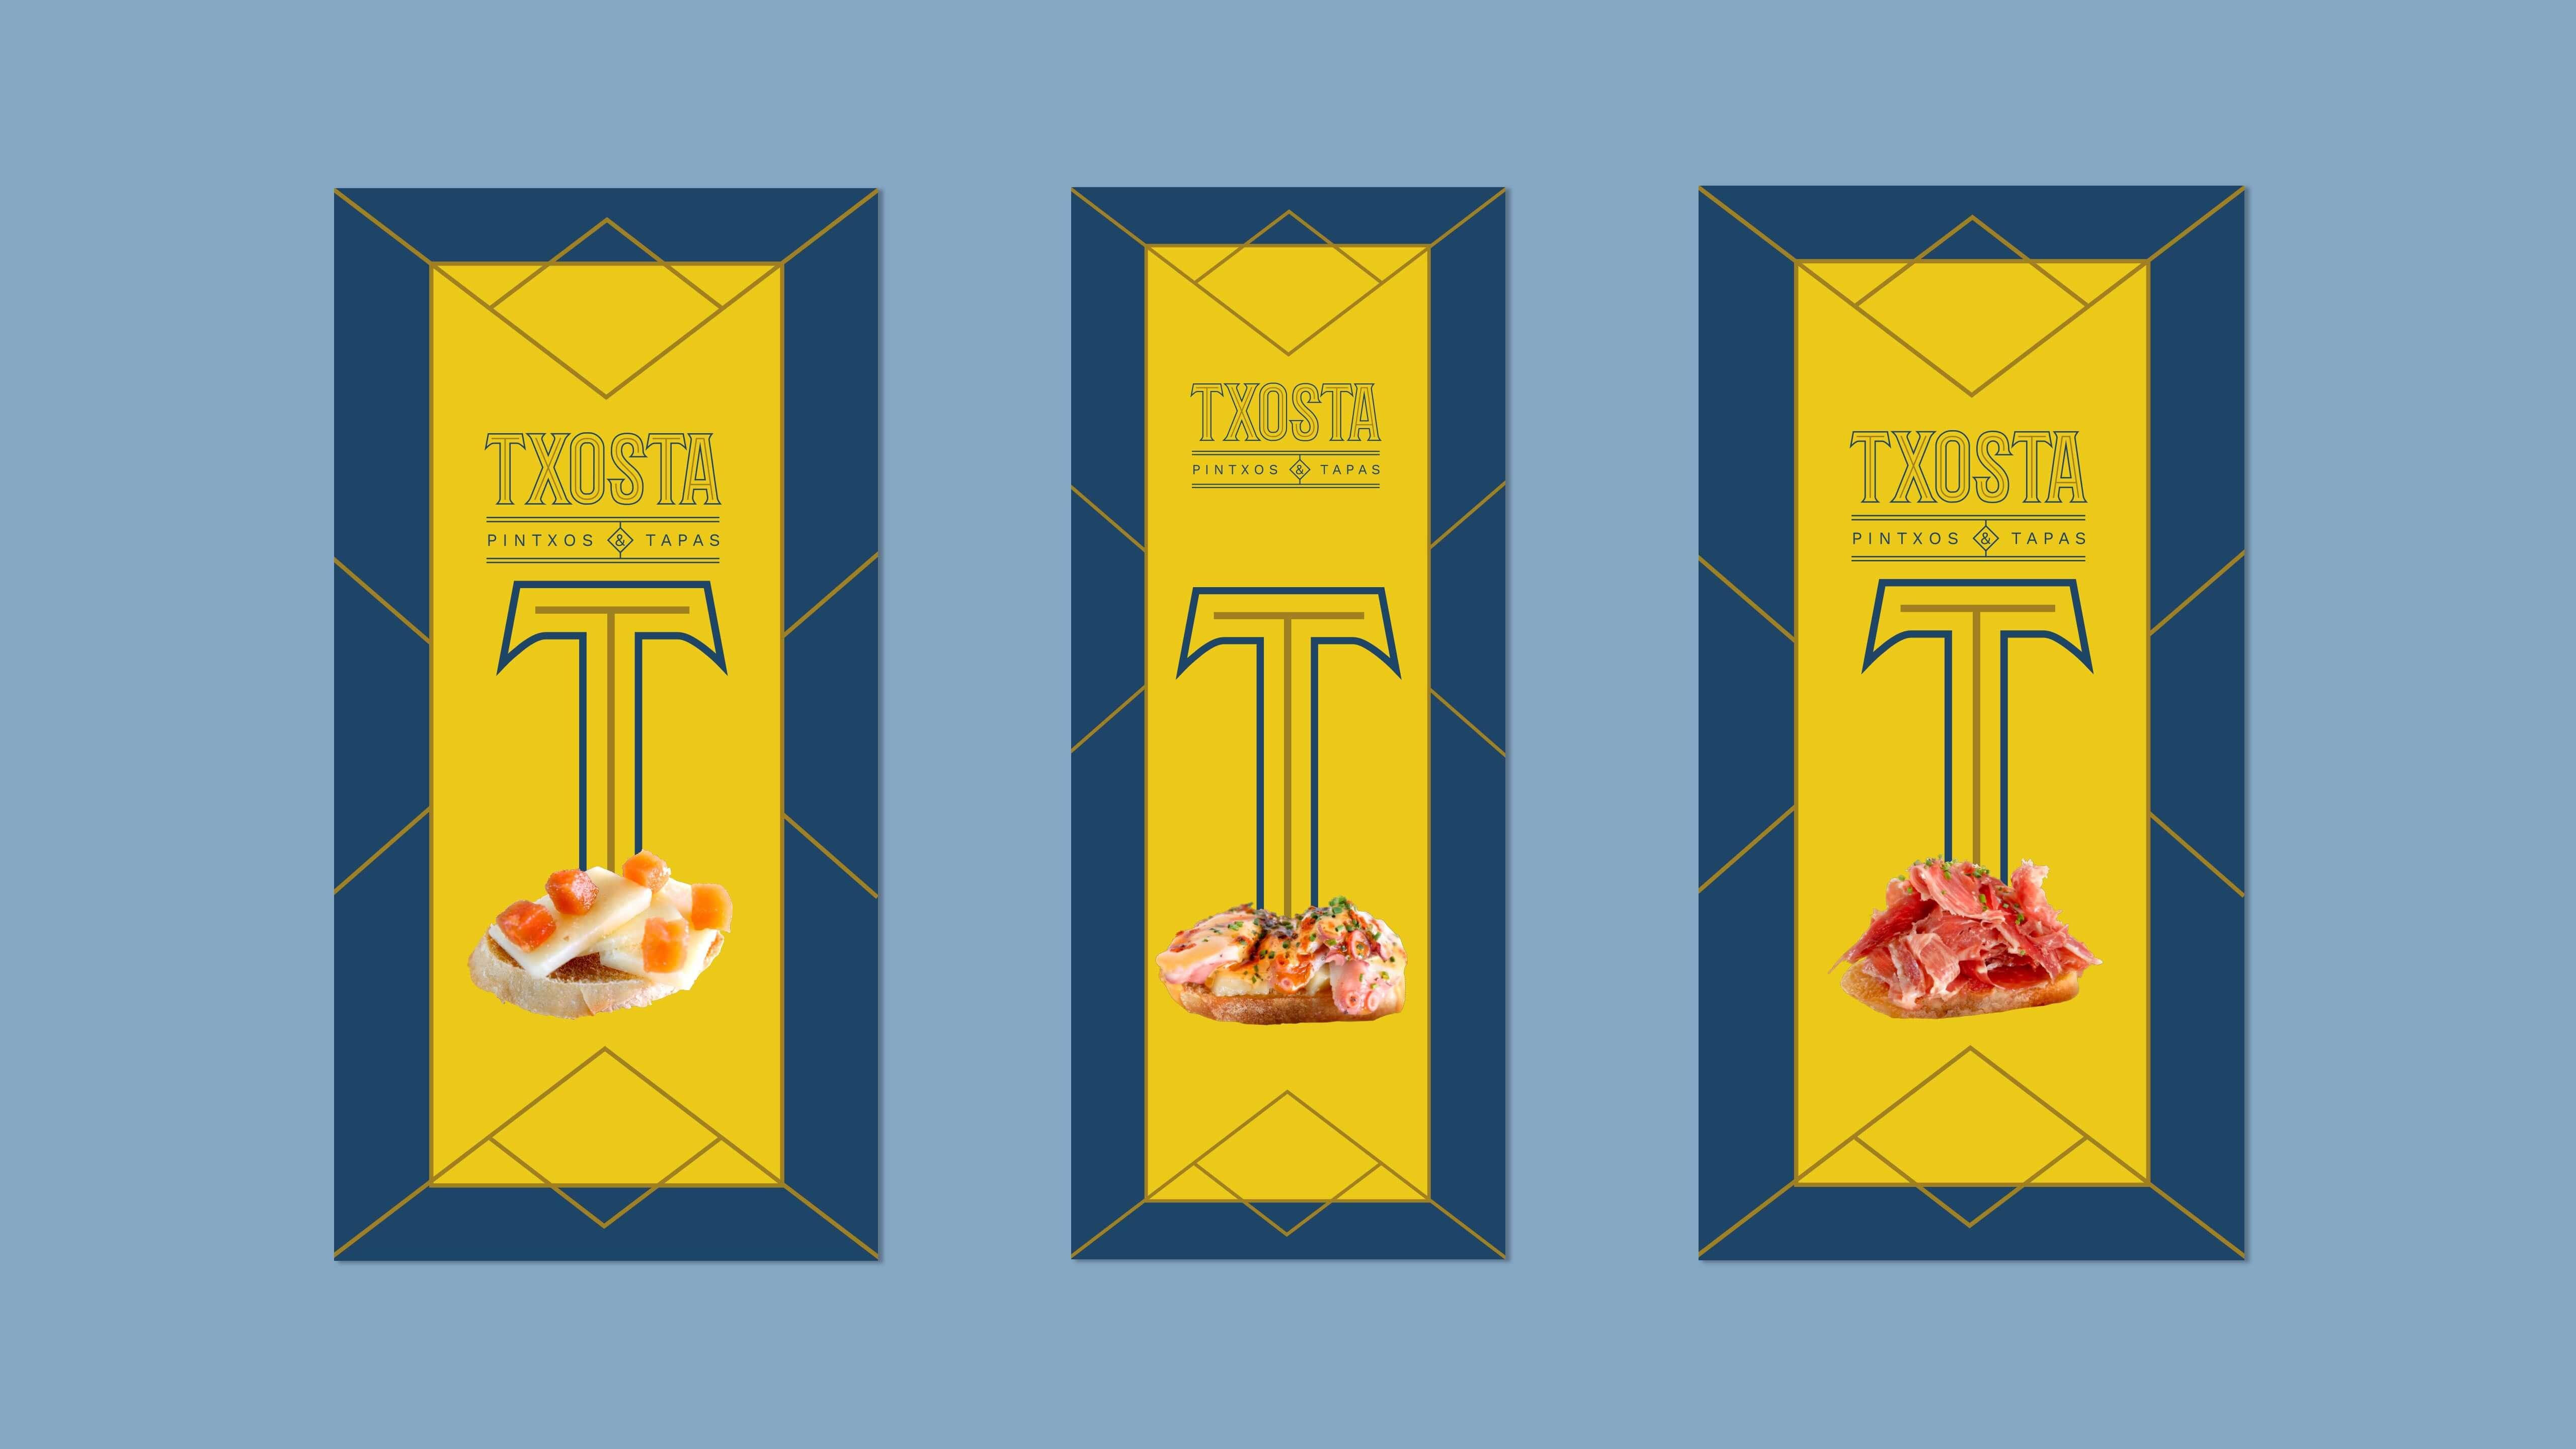 Txosta, Mixus studio, poster